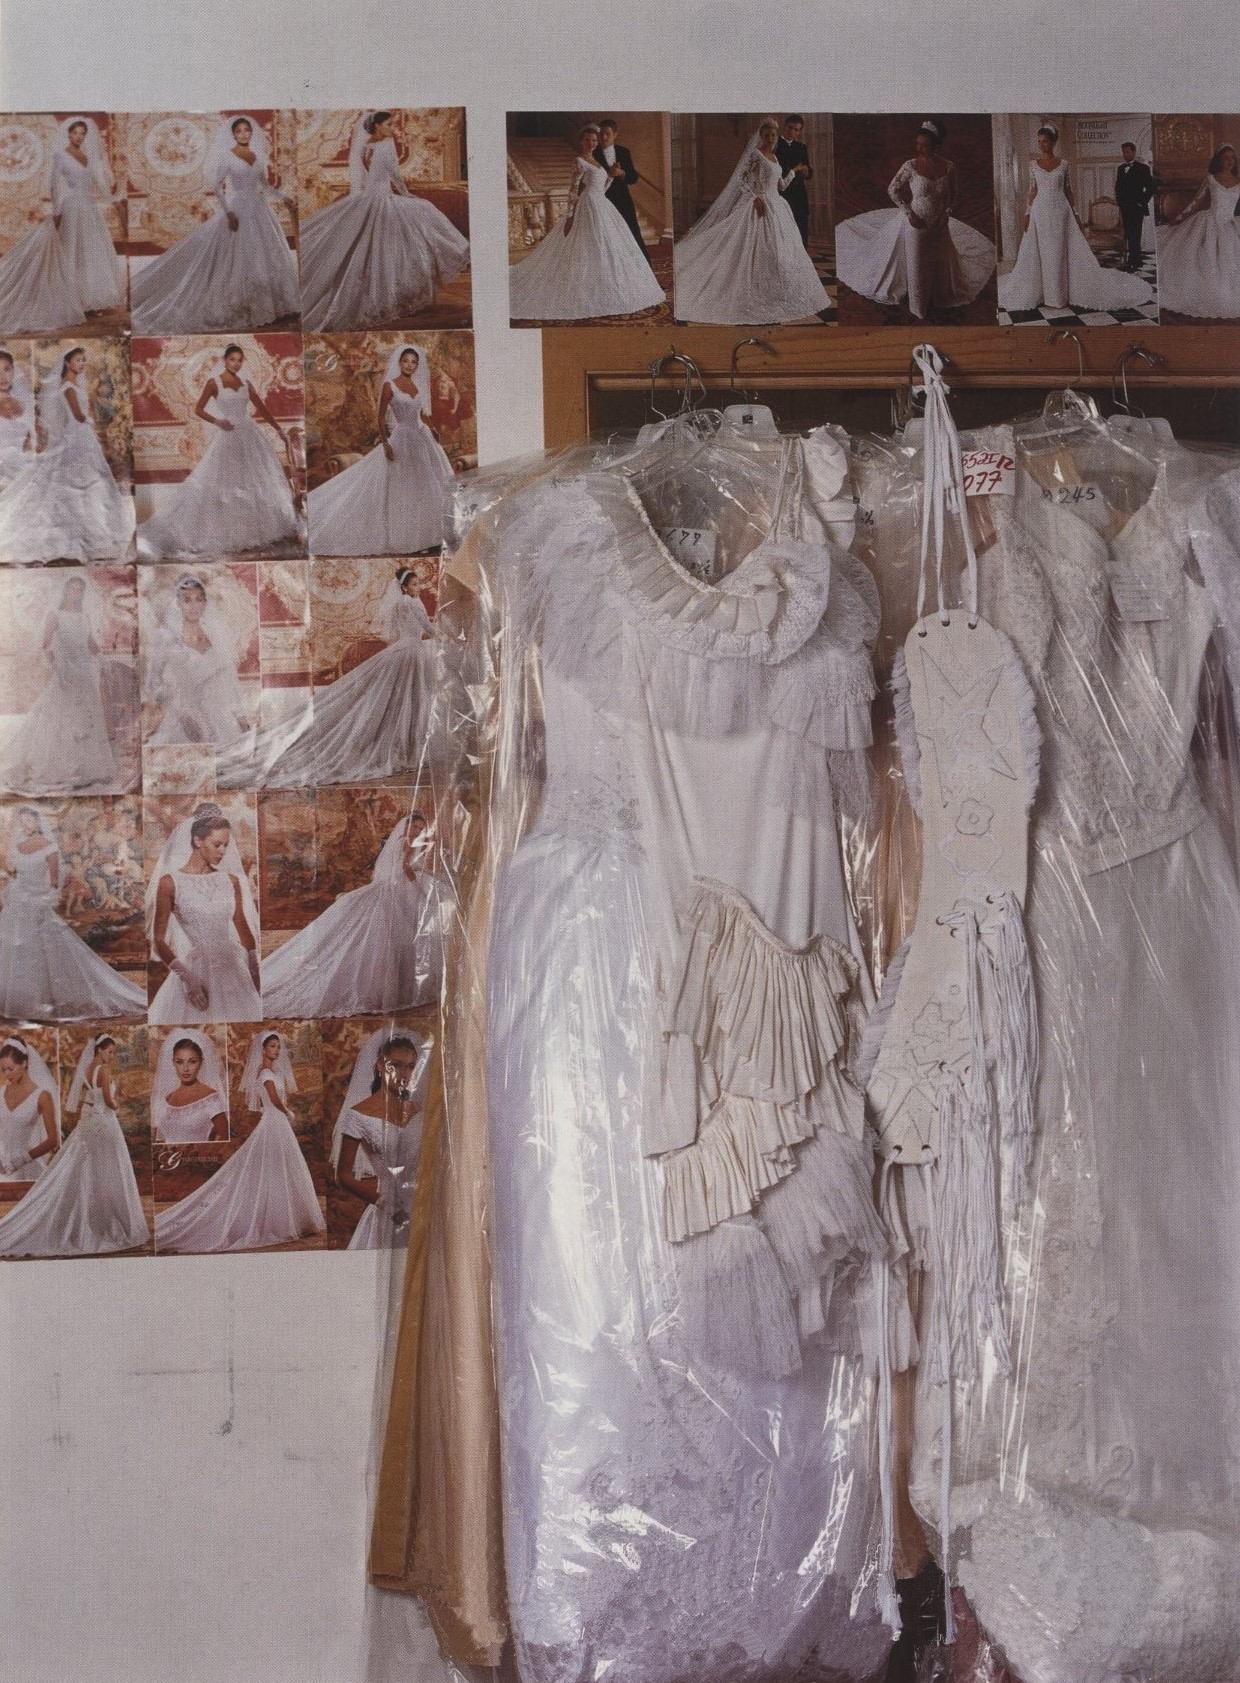 Martiha Camarillo, the bride